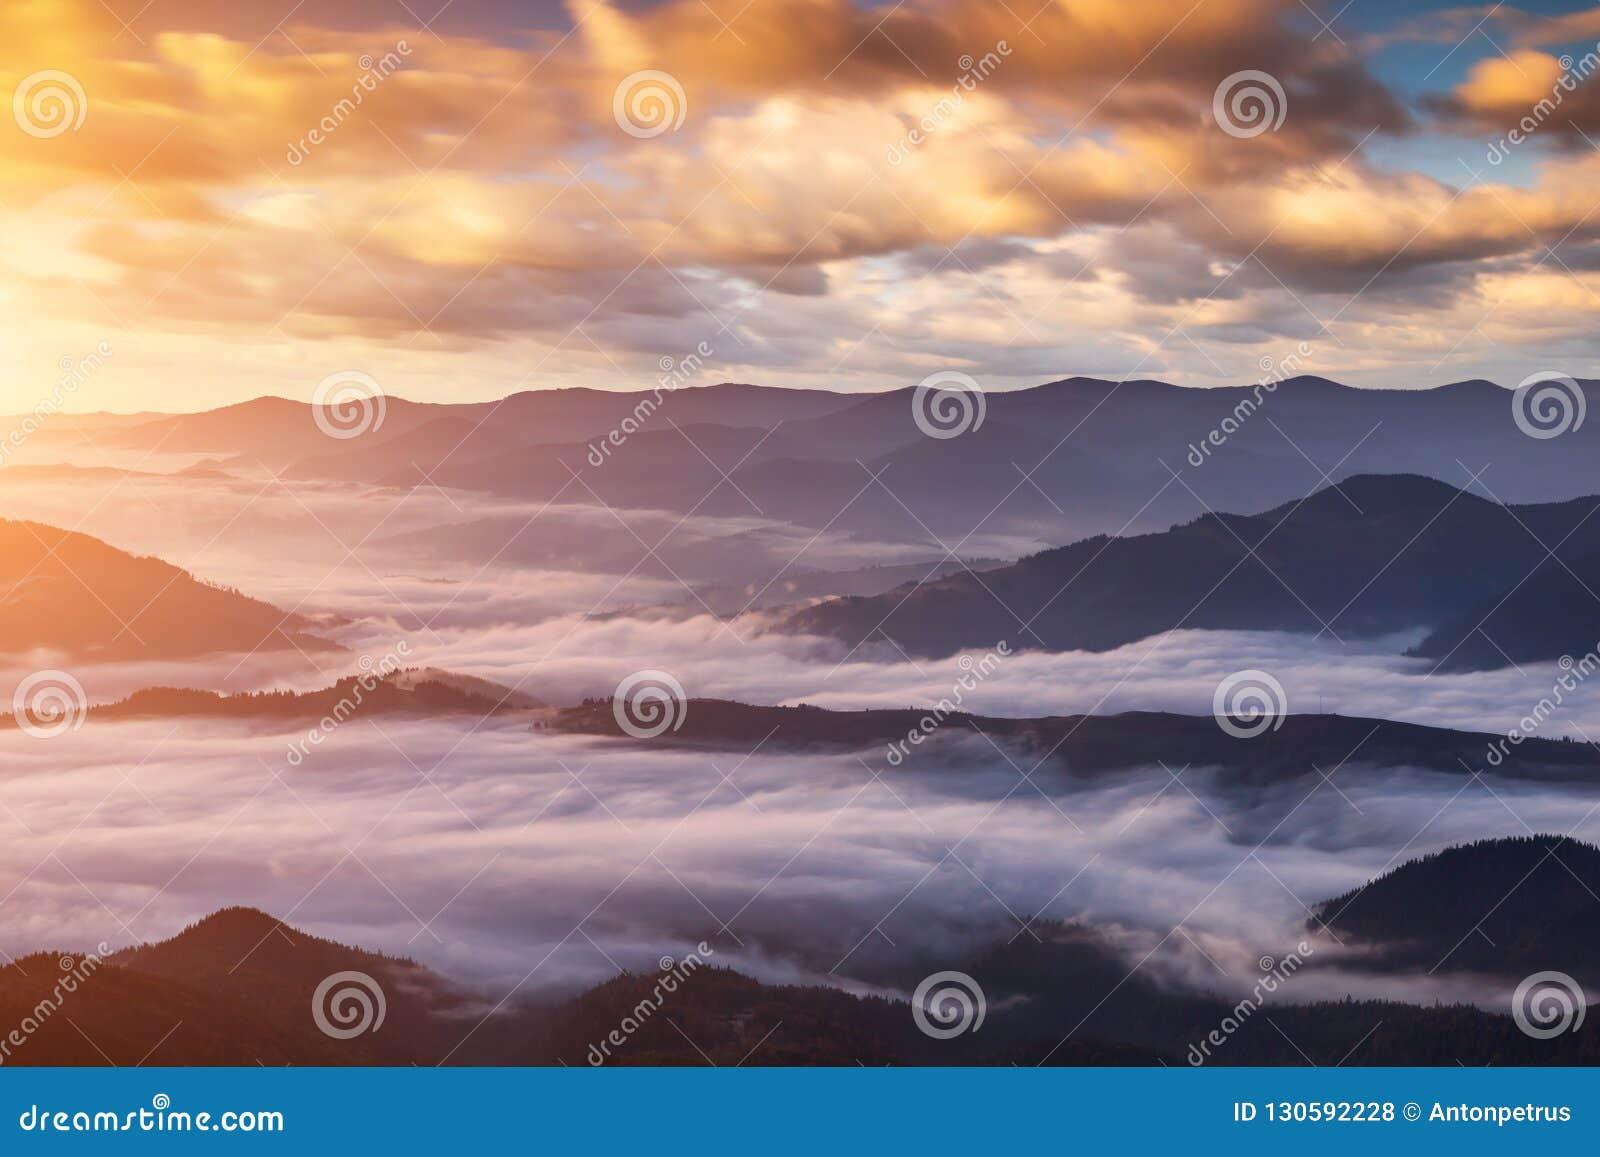 Aube brumeuse dans les montagnes Beau paysage